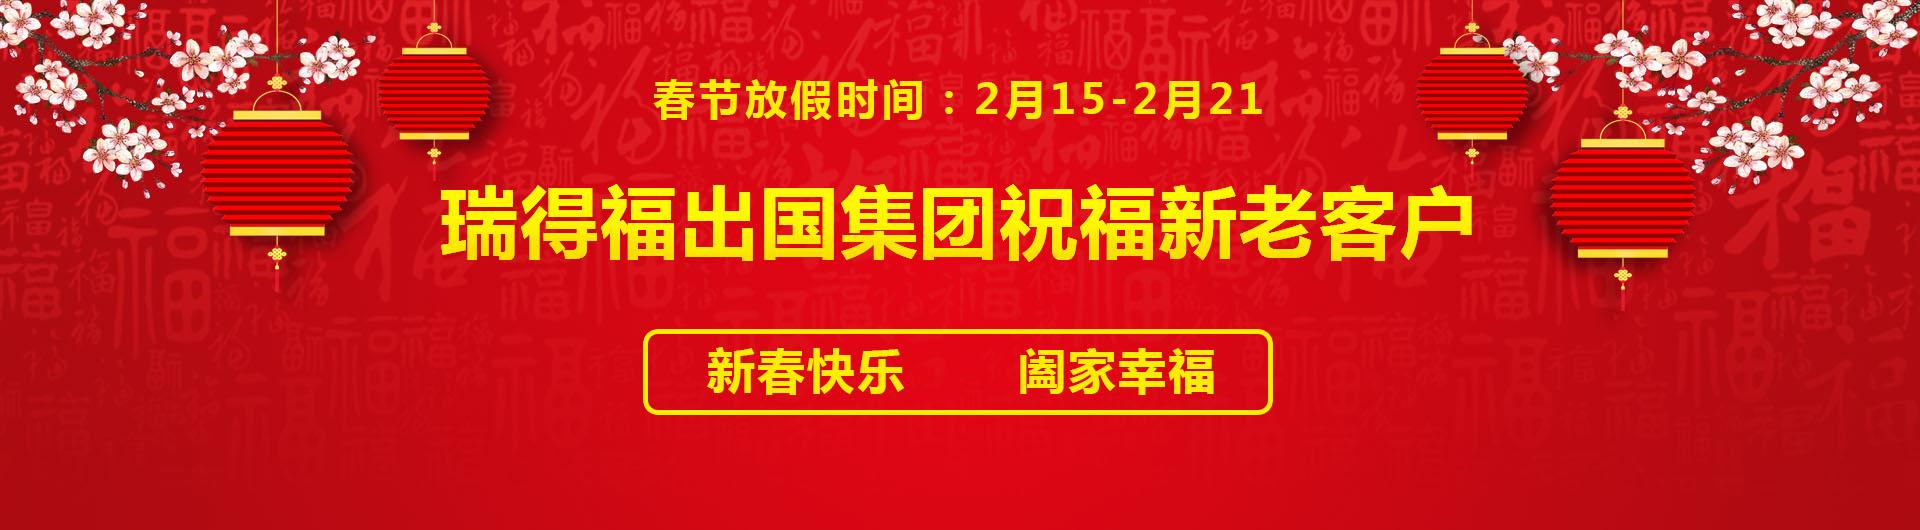 利来国际娱乐平台集团祝福新老客户新春快乐,阖家幸